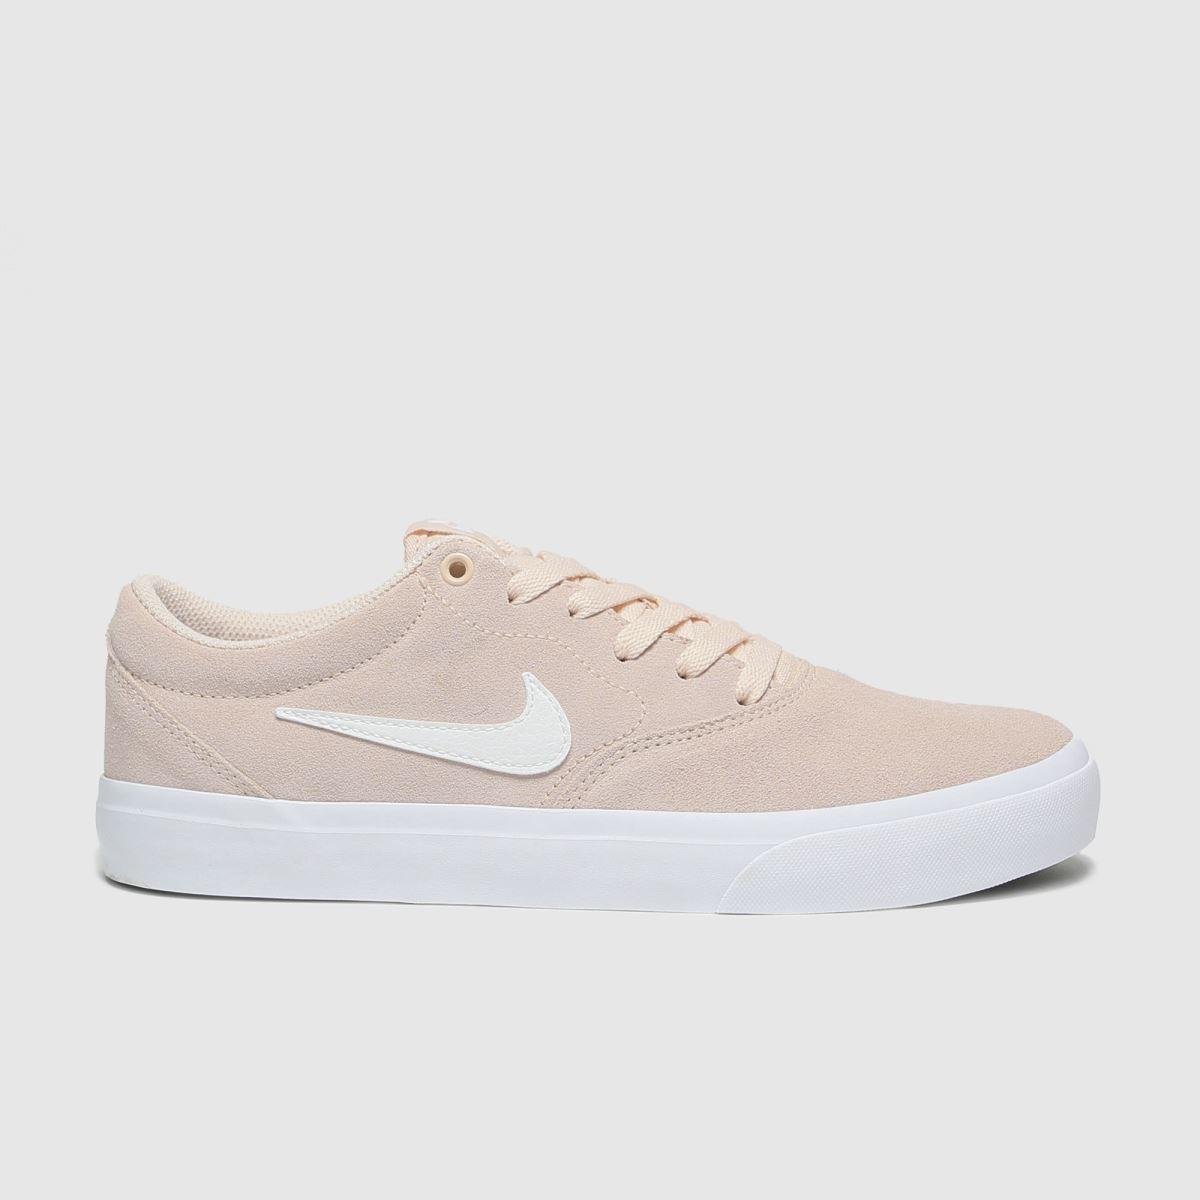 Nike SB Nike SB Peach Charge Trainers